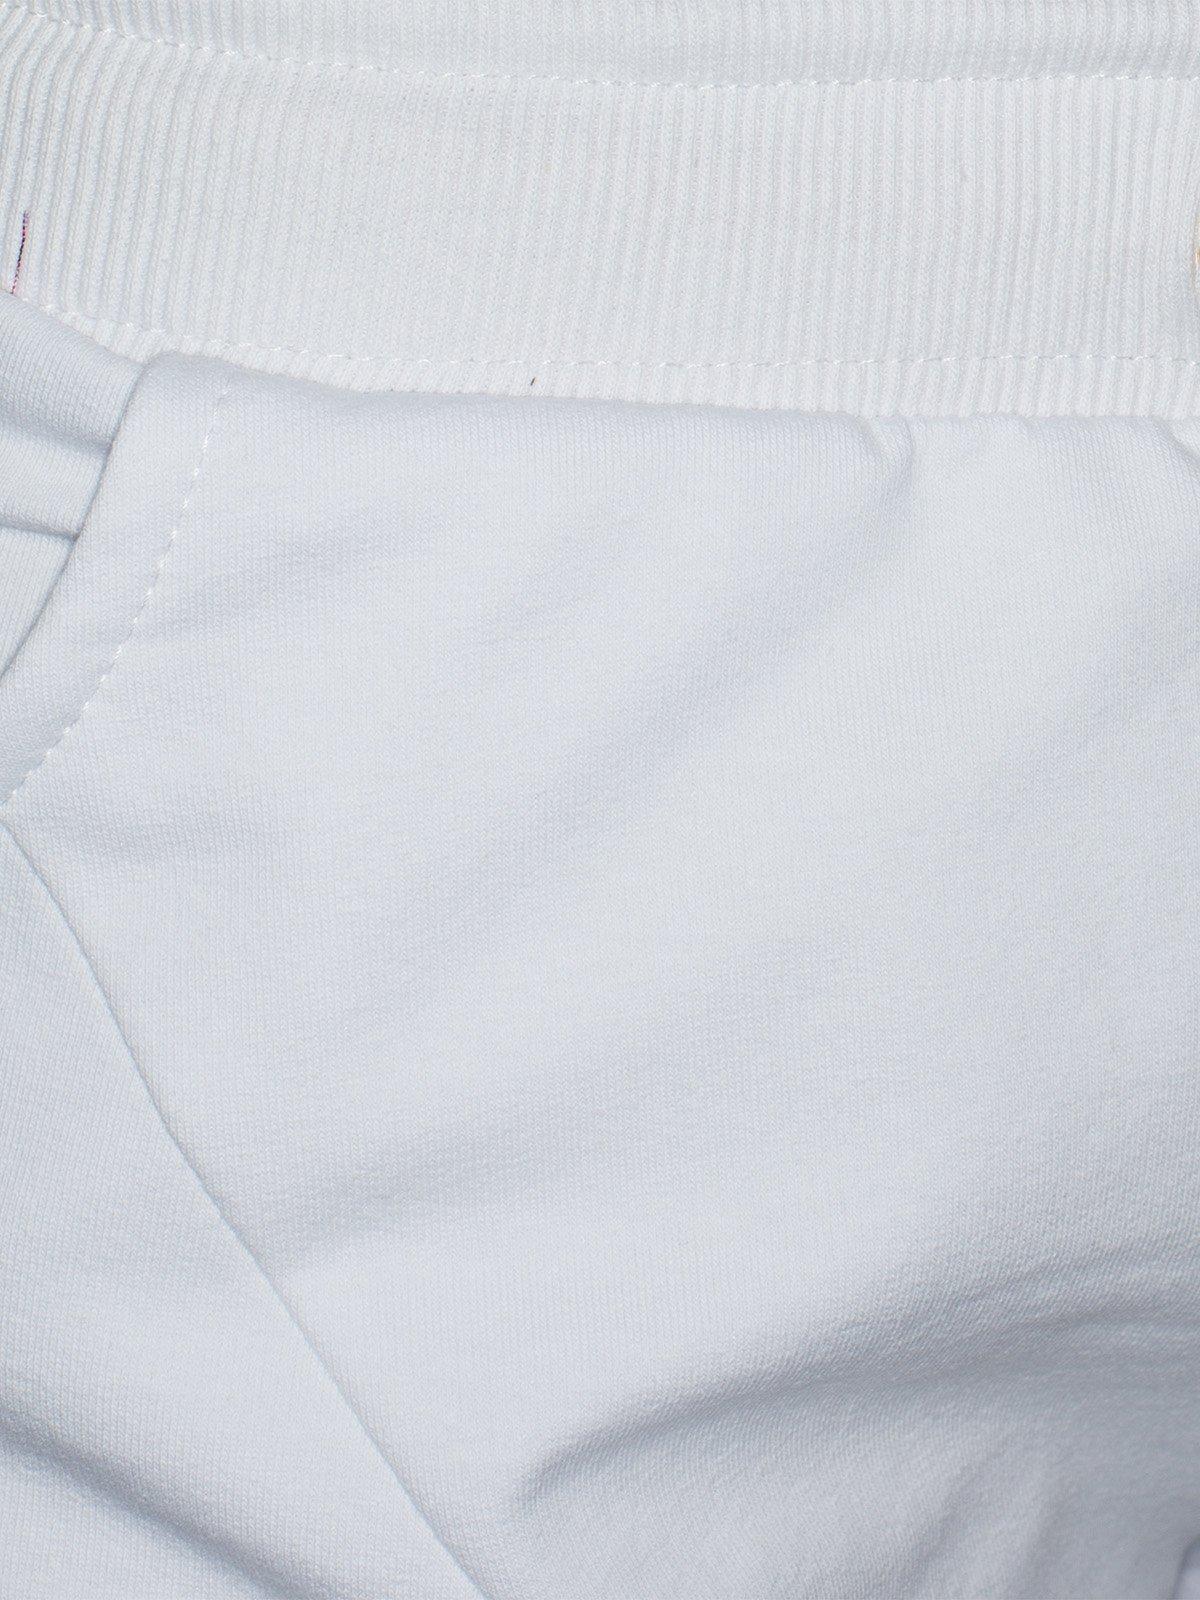 Штани білі | 2341669 | фото 5